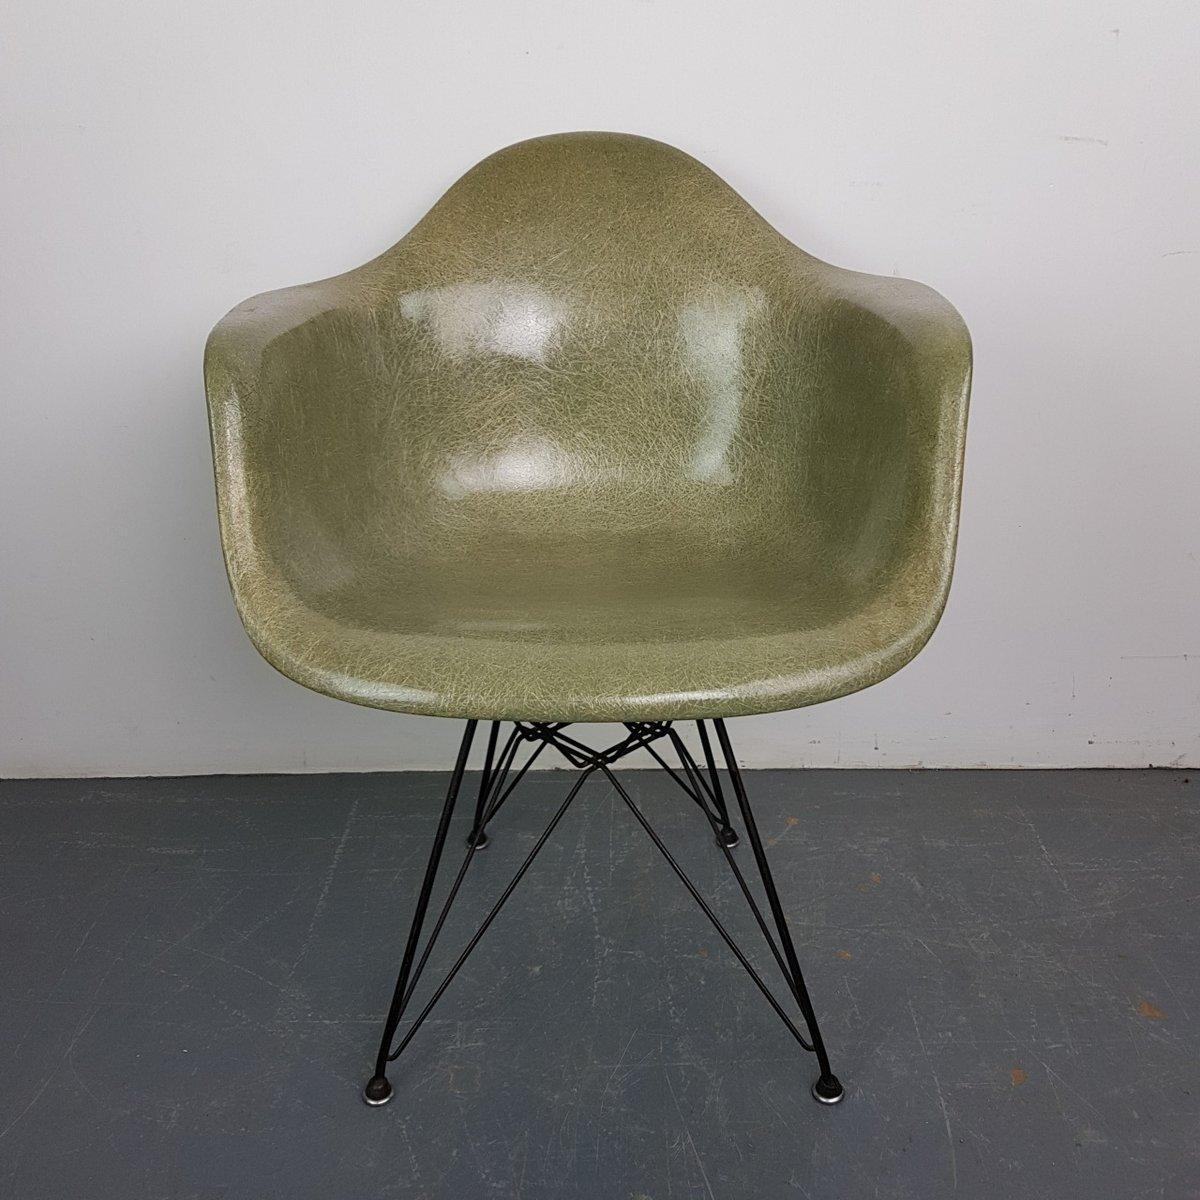 mid century stuhl aus seilkeil in meeresgr n von charles ray eames f r herman miller bei. Black Bedroom Furniture Sets. Home Design Ideas